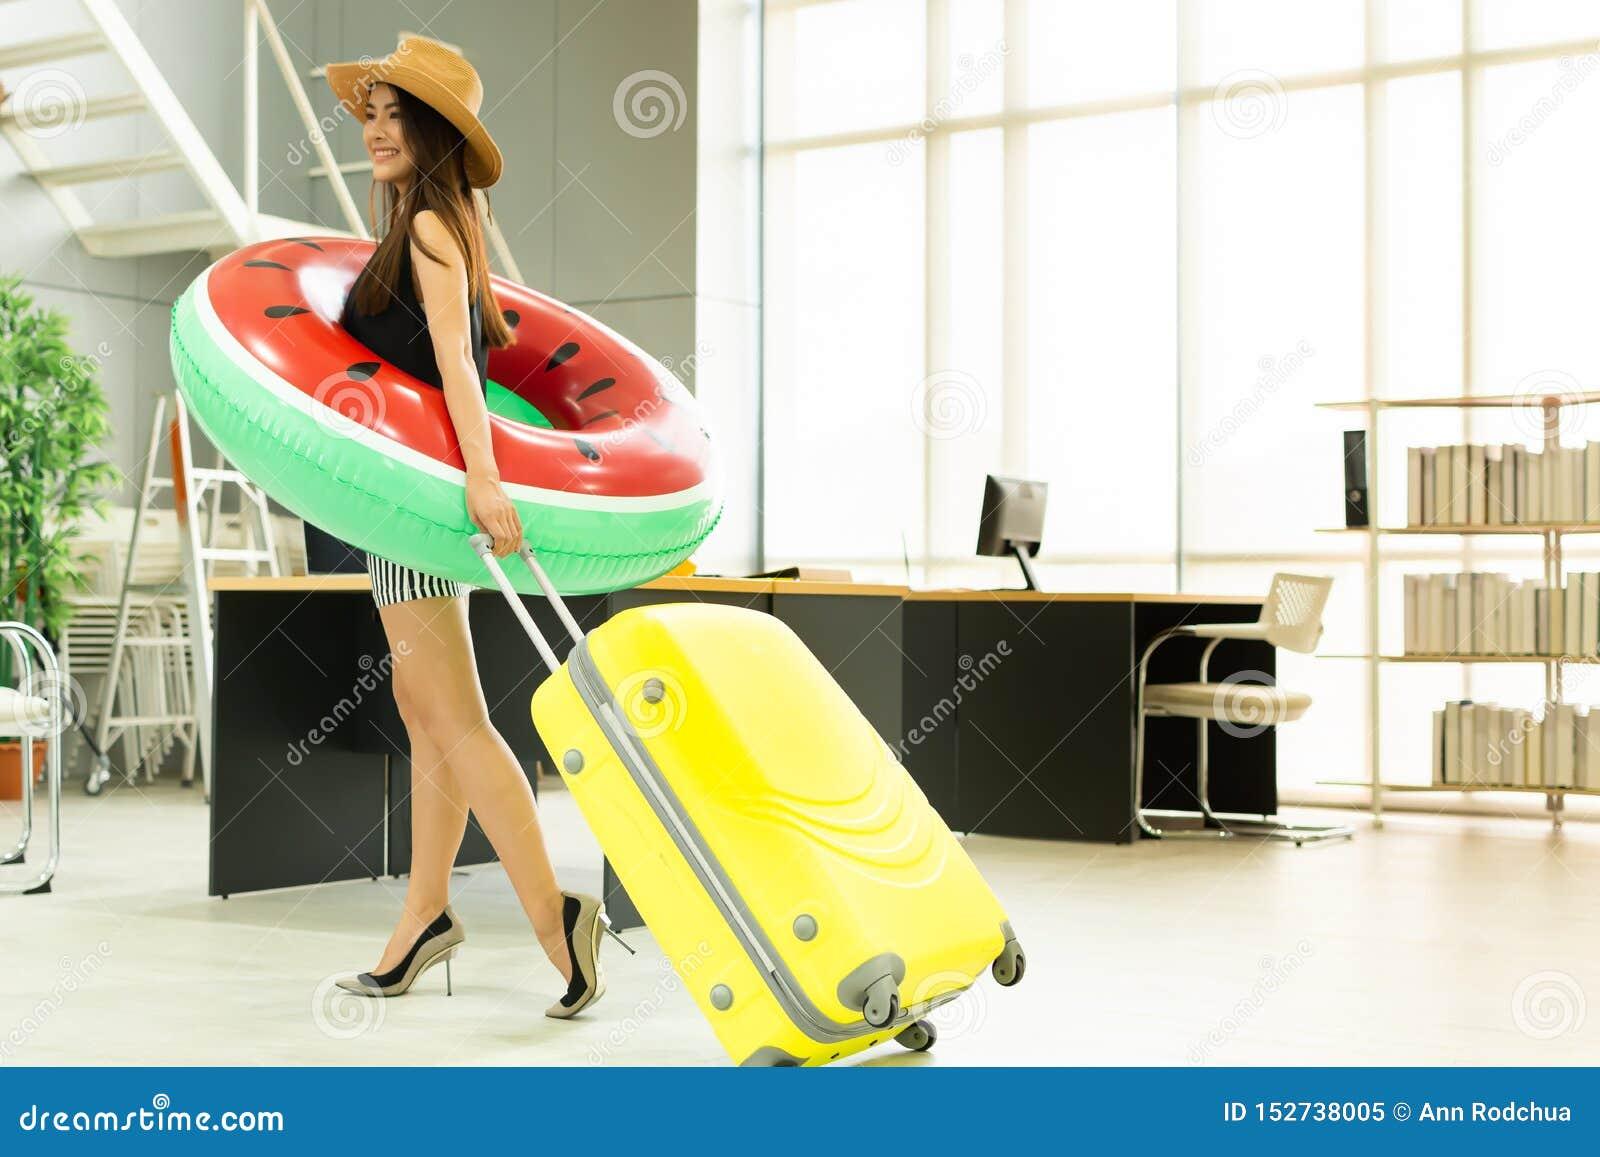 Μια ασιατική γυναίκα πρόκειται να ταξιδεψει για το καλοκαίρι